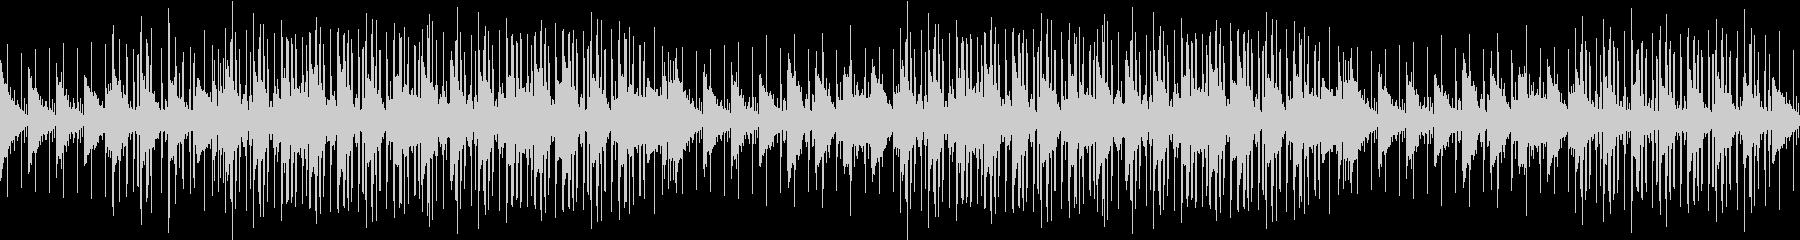 お洒落・ヒップホップ・アンビエントピアノの未再生の波形